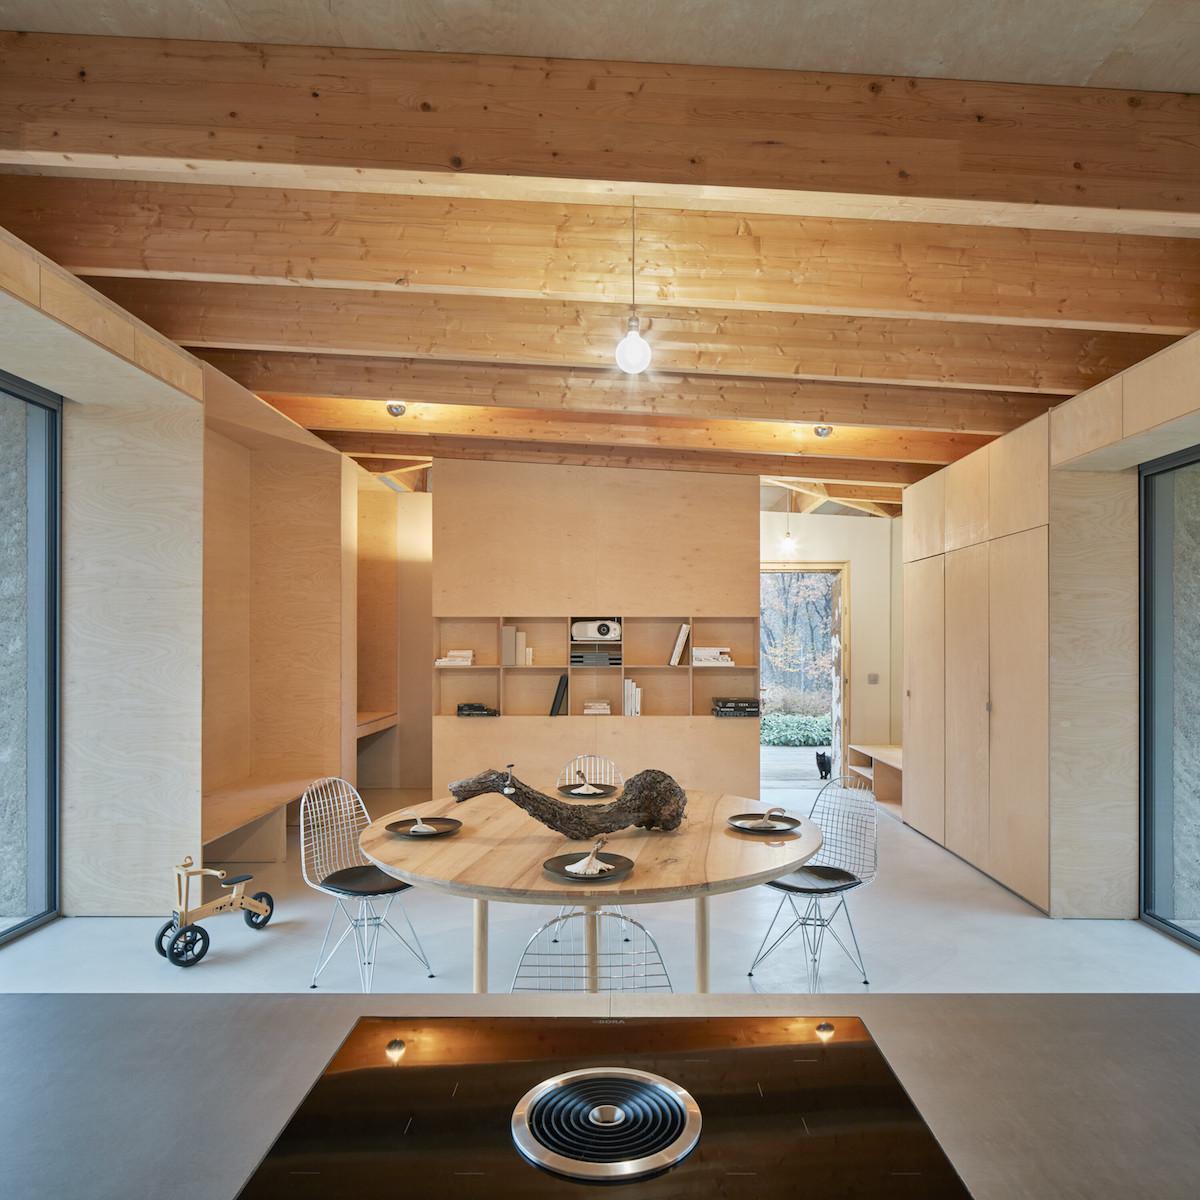 Obývací část domu s drevěným interiérem